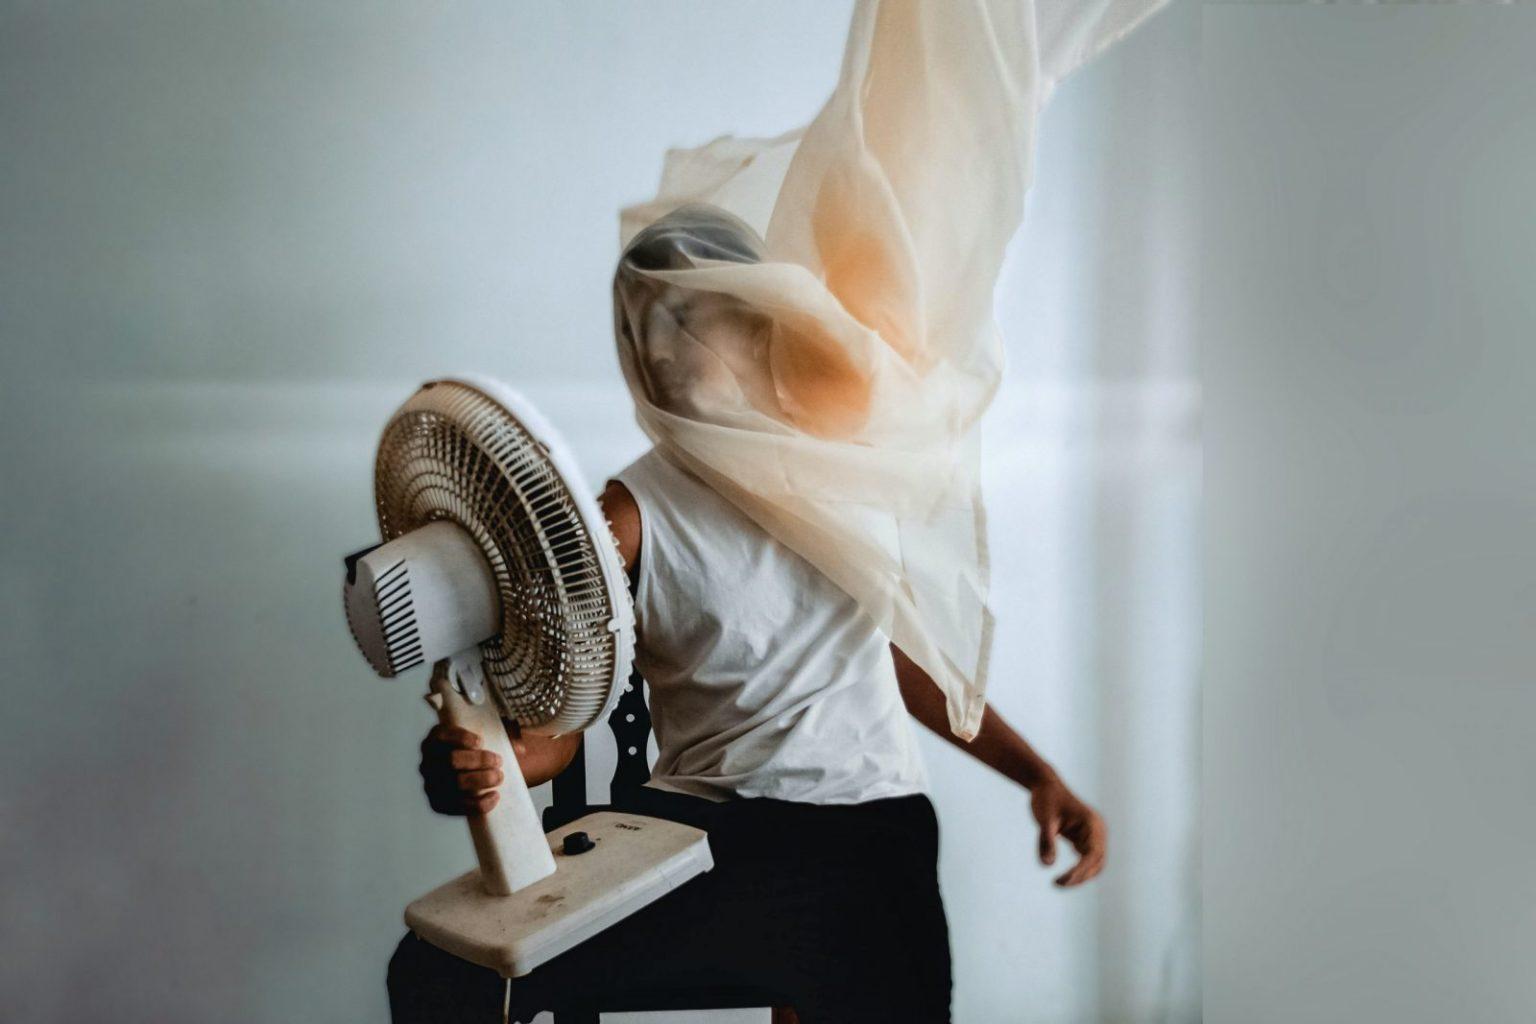 Для защиты от коронавируса придется фильтровать воздух в закрытых помещениях